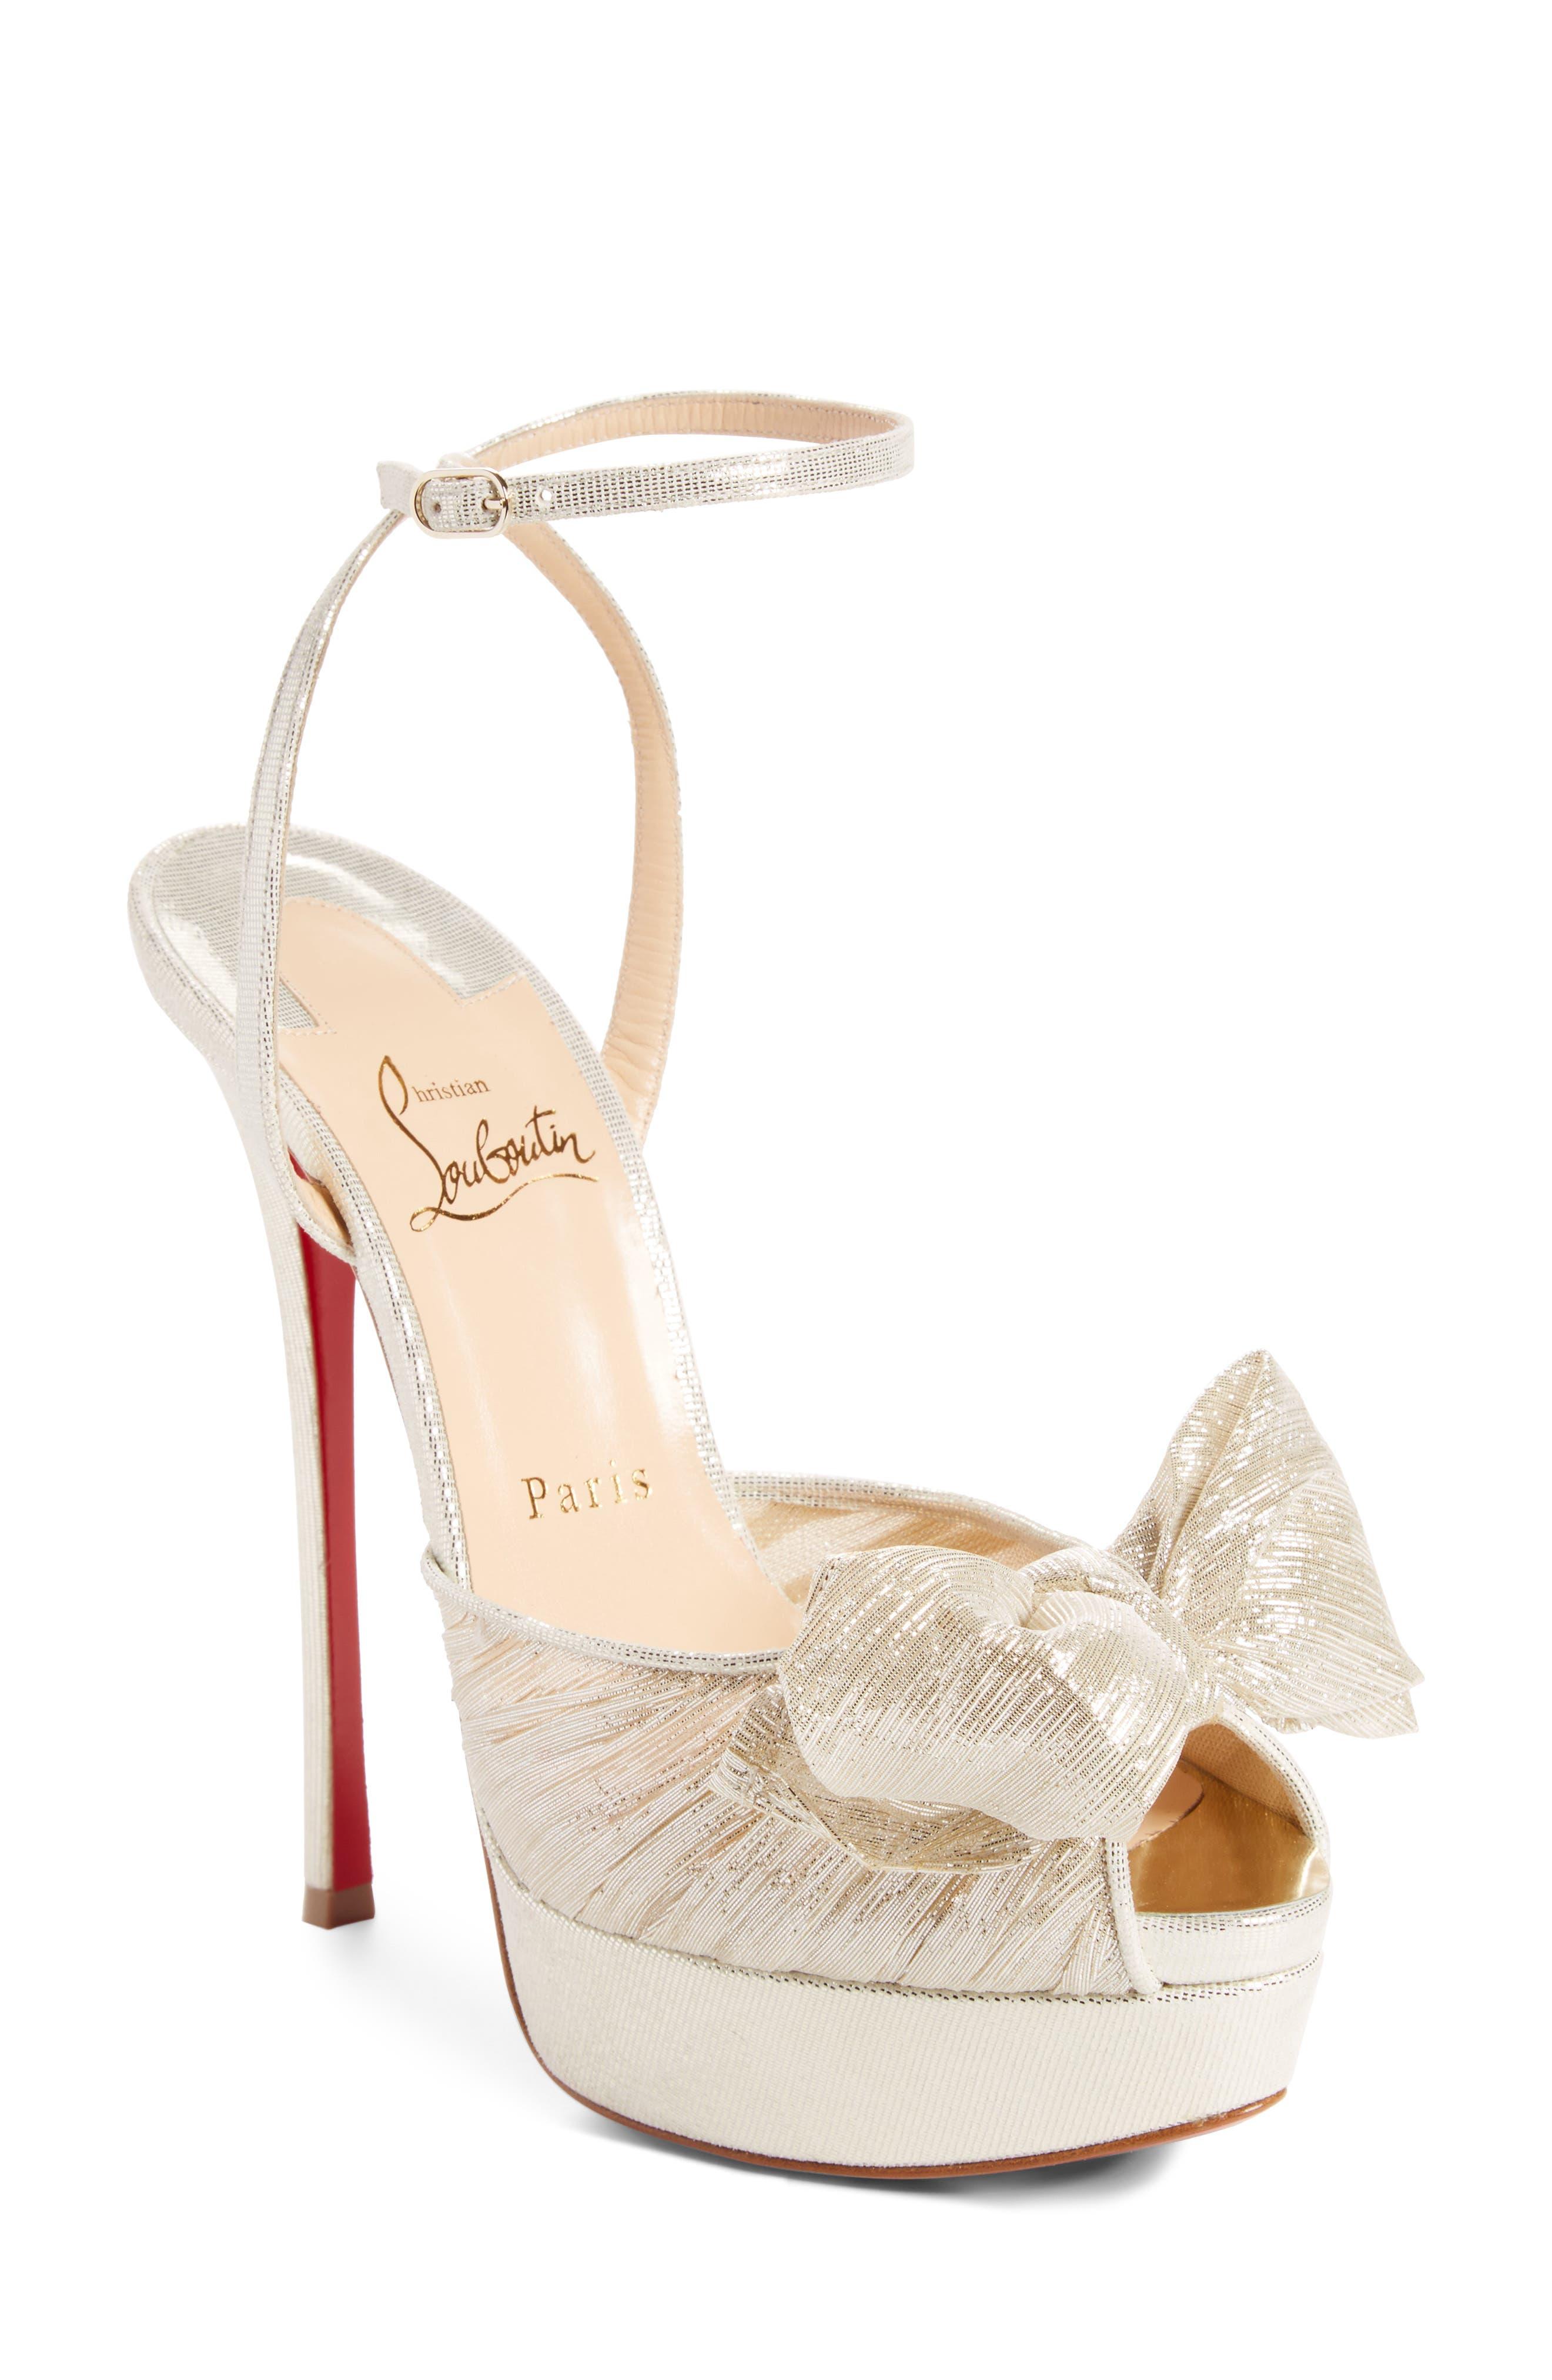 Artydiva Platform Ankle Strap Sandal,                         Main,                         color, Platine Silver